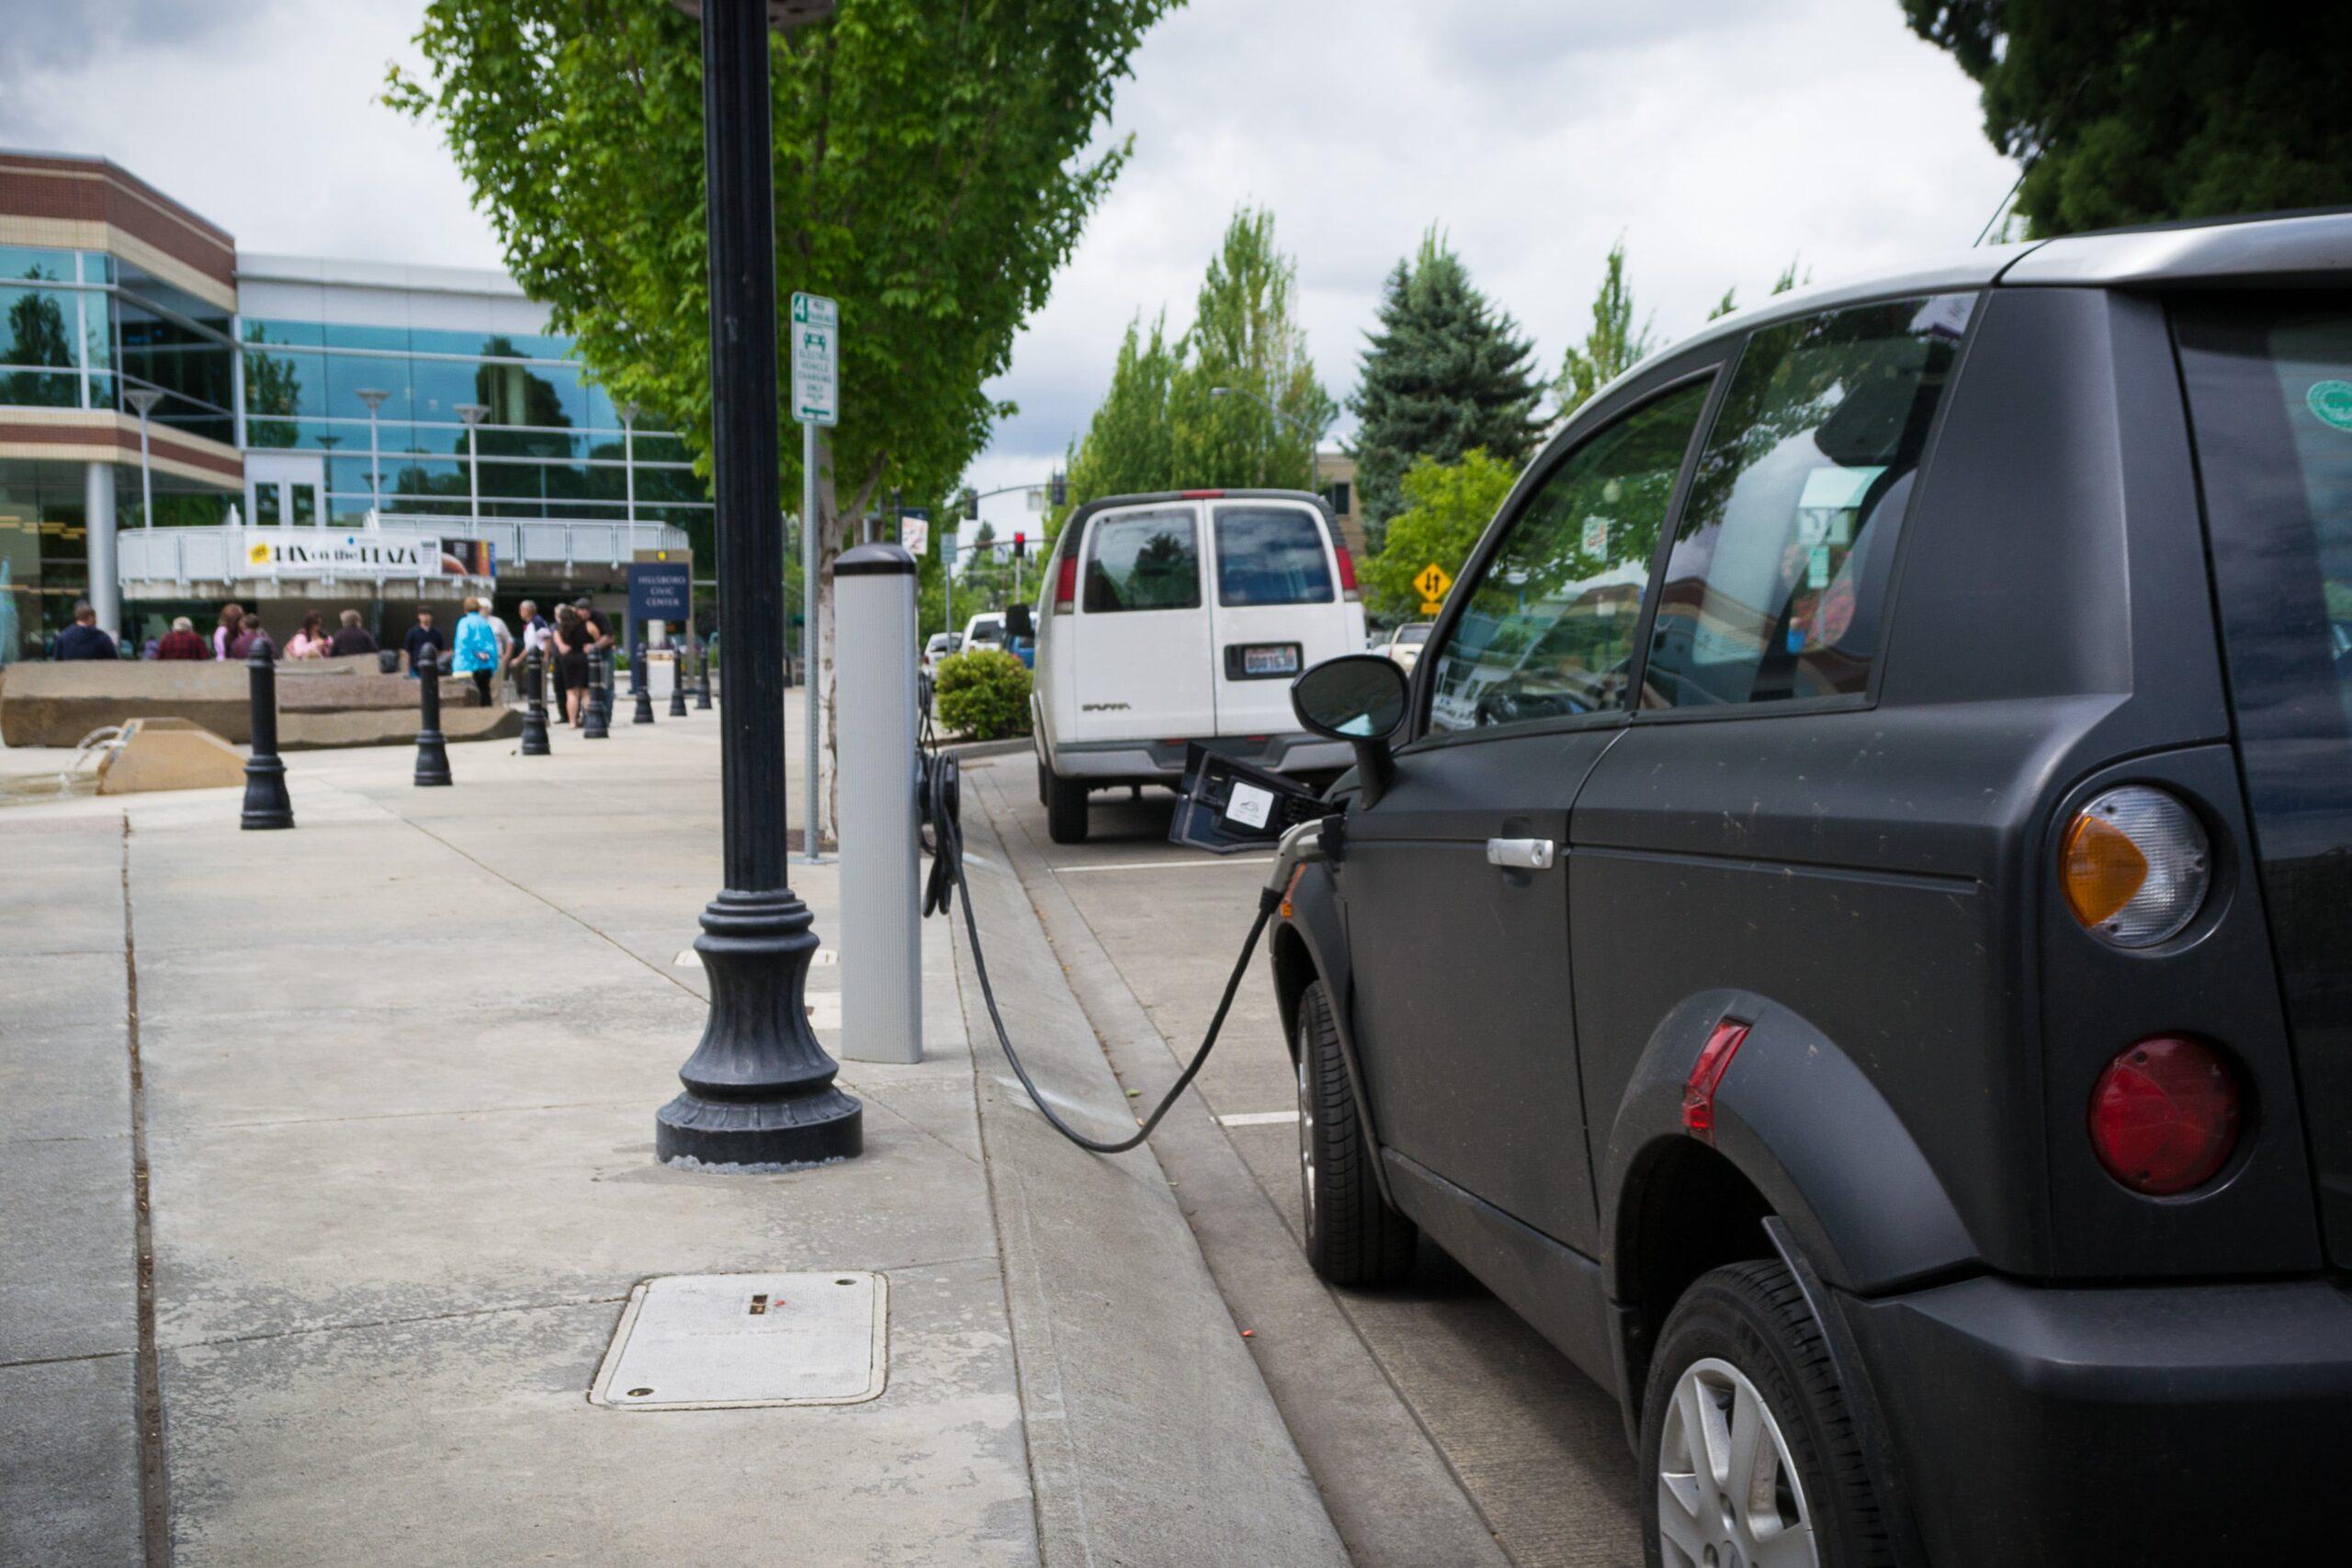 Nuevo desafío en China: cómo reciclar las baterías de los coches eléctricos